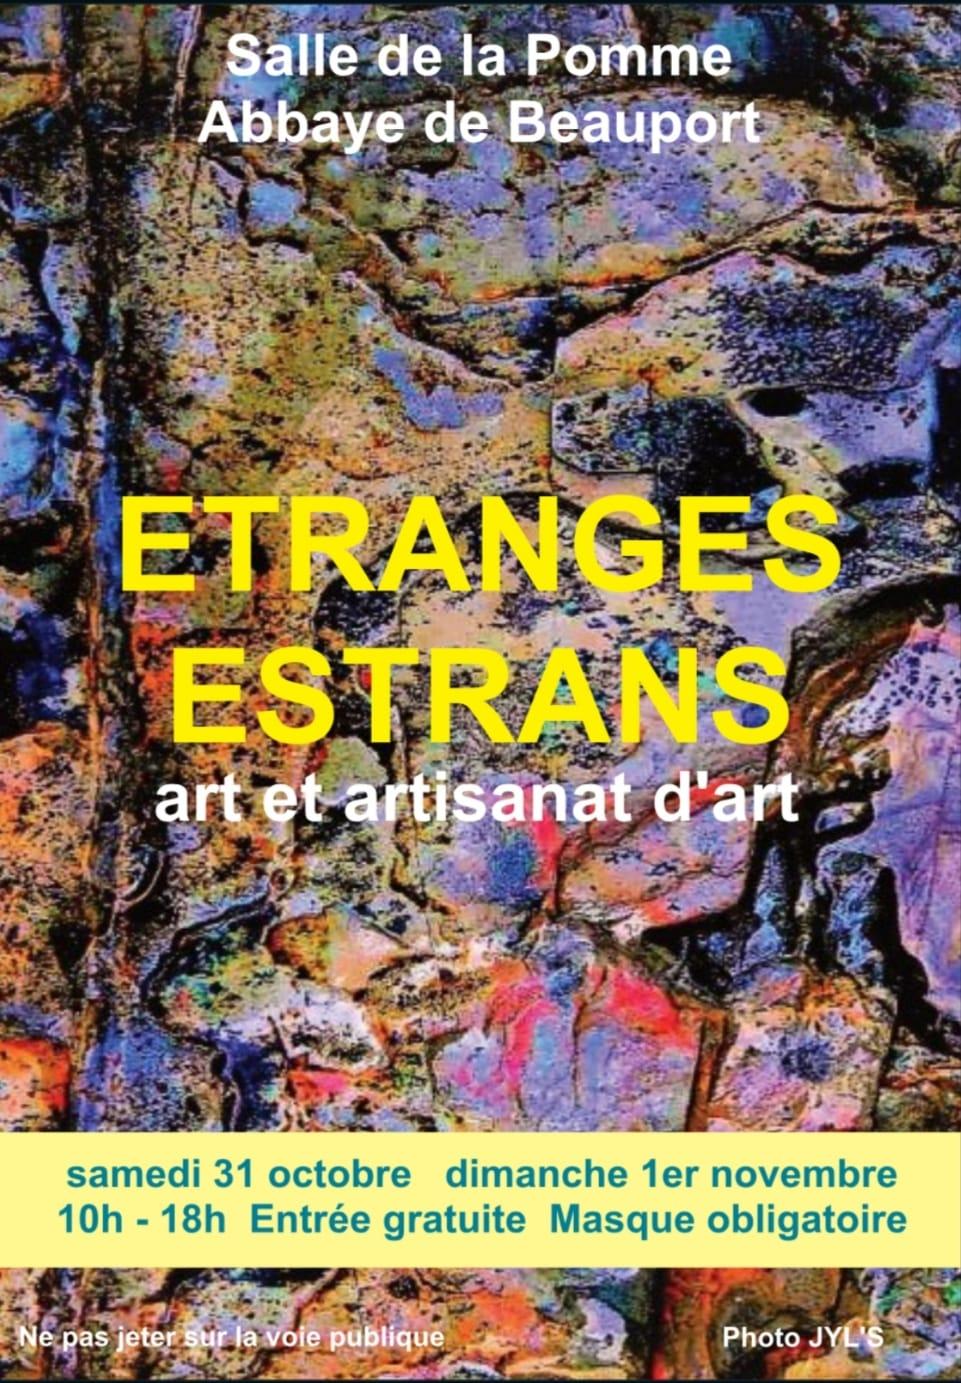 Étranges Estrans | 31 oct. & 1 nov. 2020